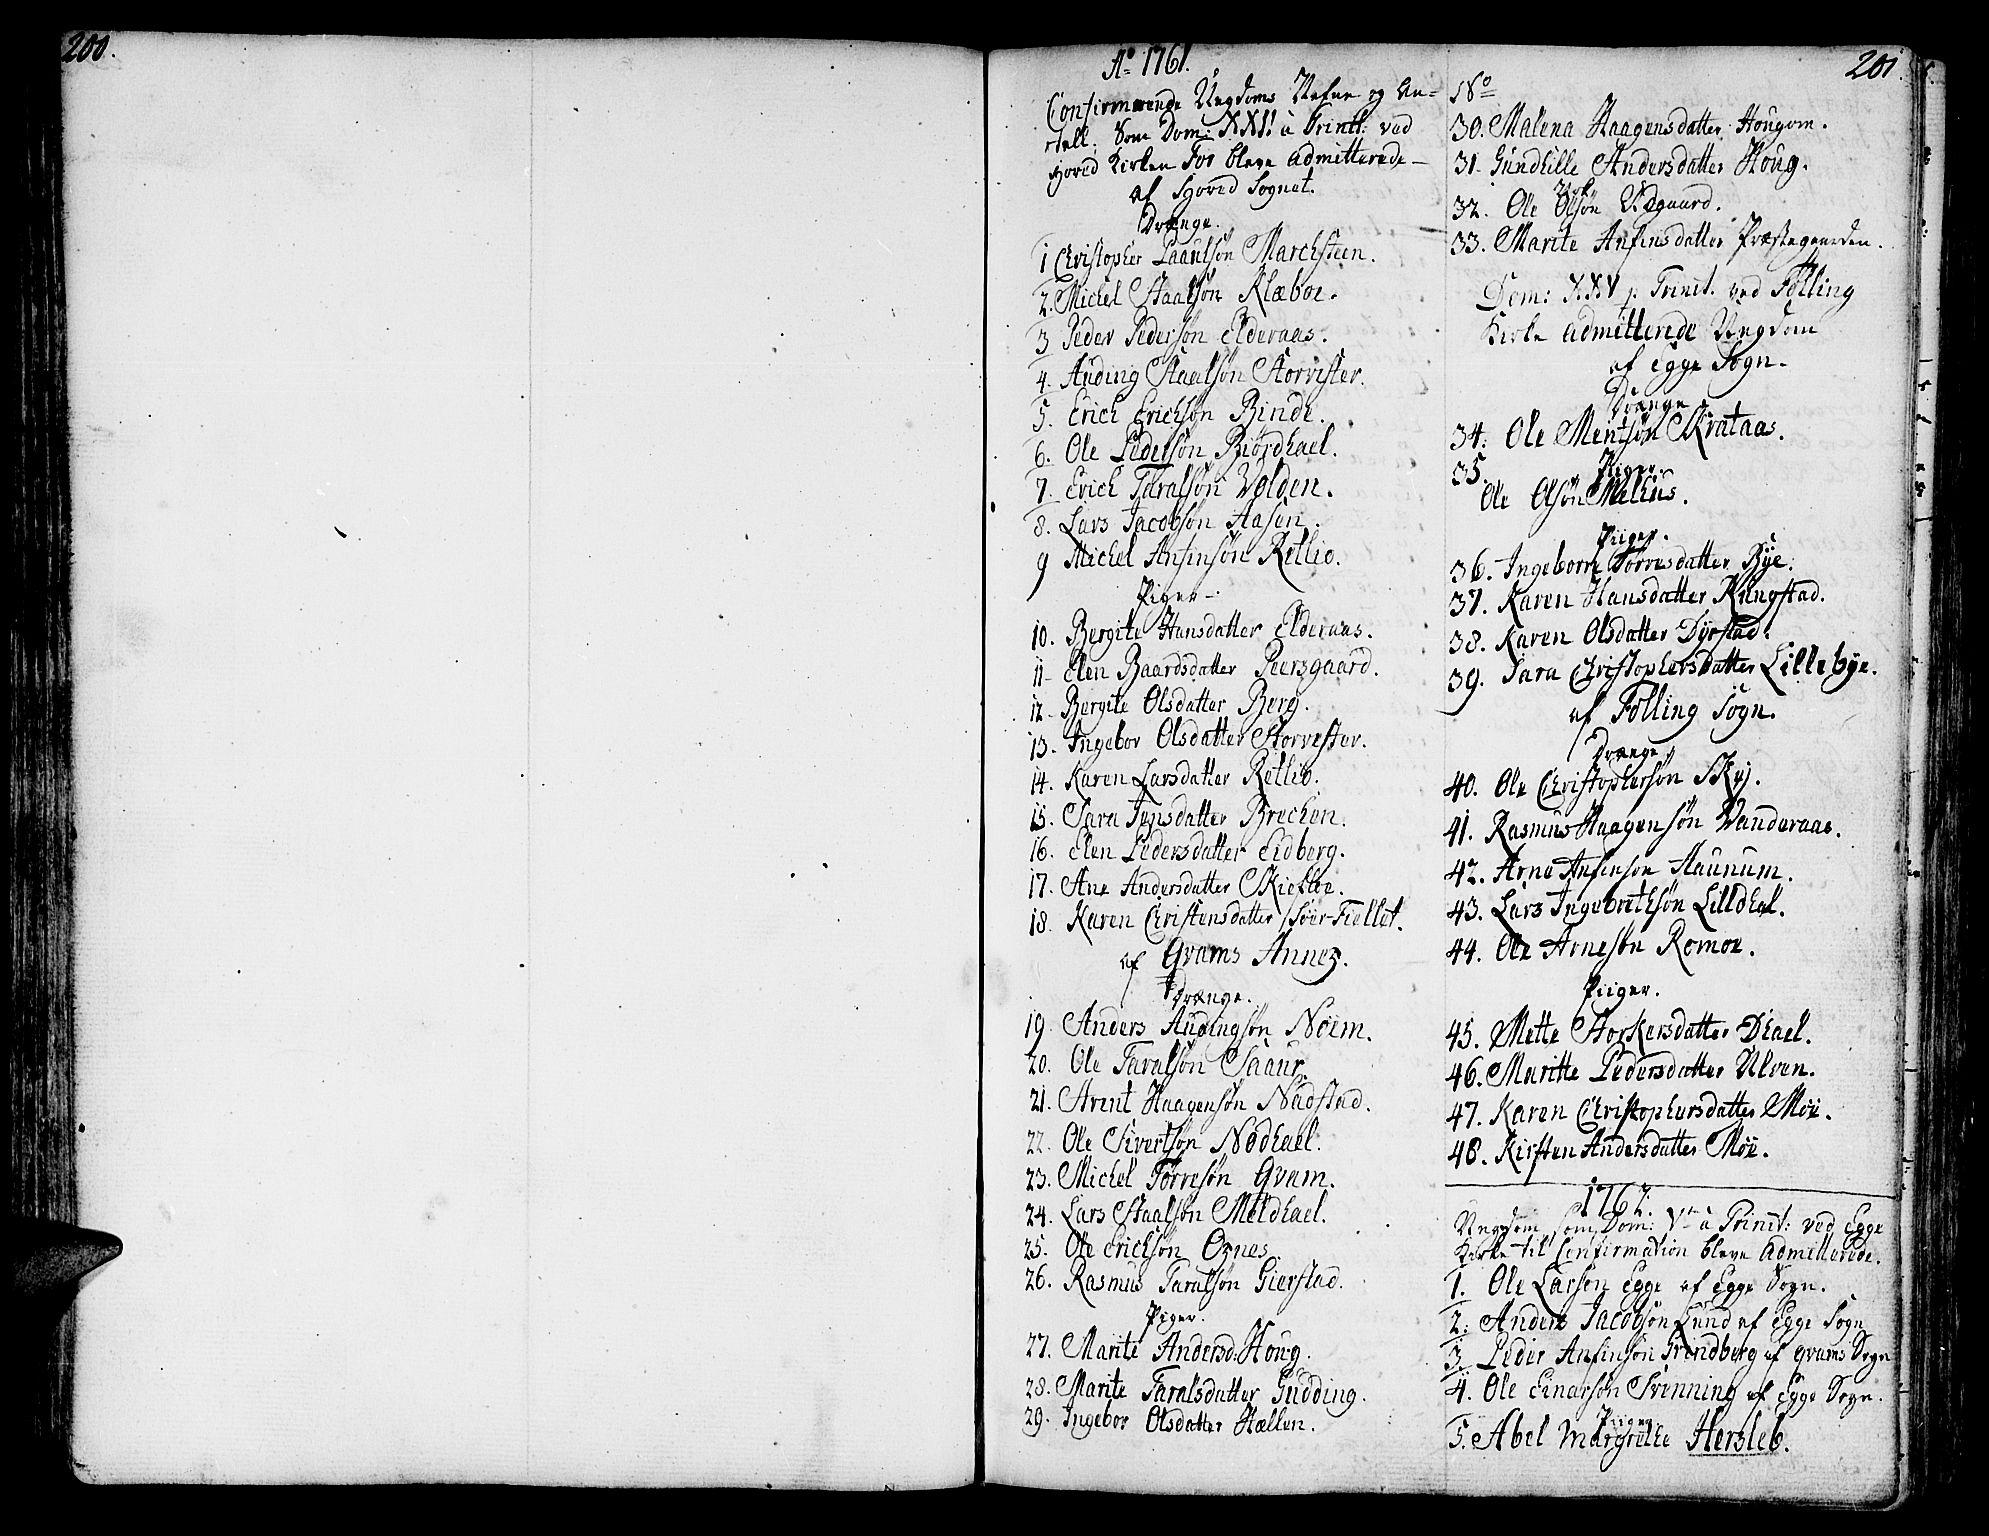 SAT, Ministerialprotokoller, klokkerbøker og fødselsregistre - Nord-Trøndelag, 746/L0440: Ministerialbok nr. 746A02, 1760-1815, s. 200-201